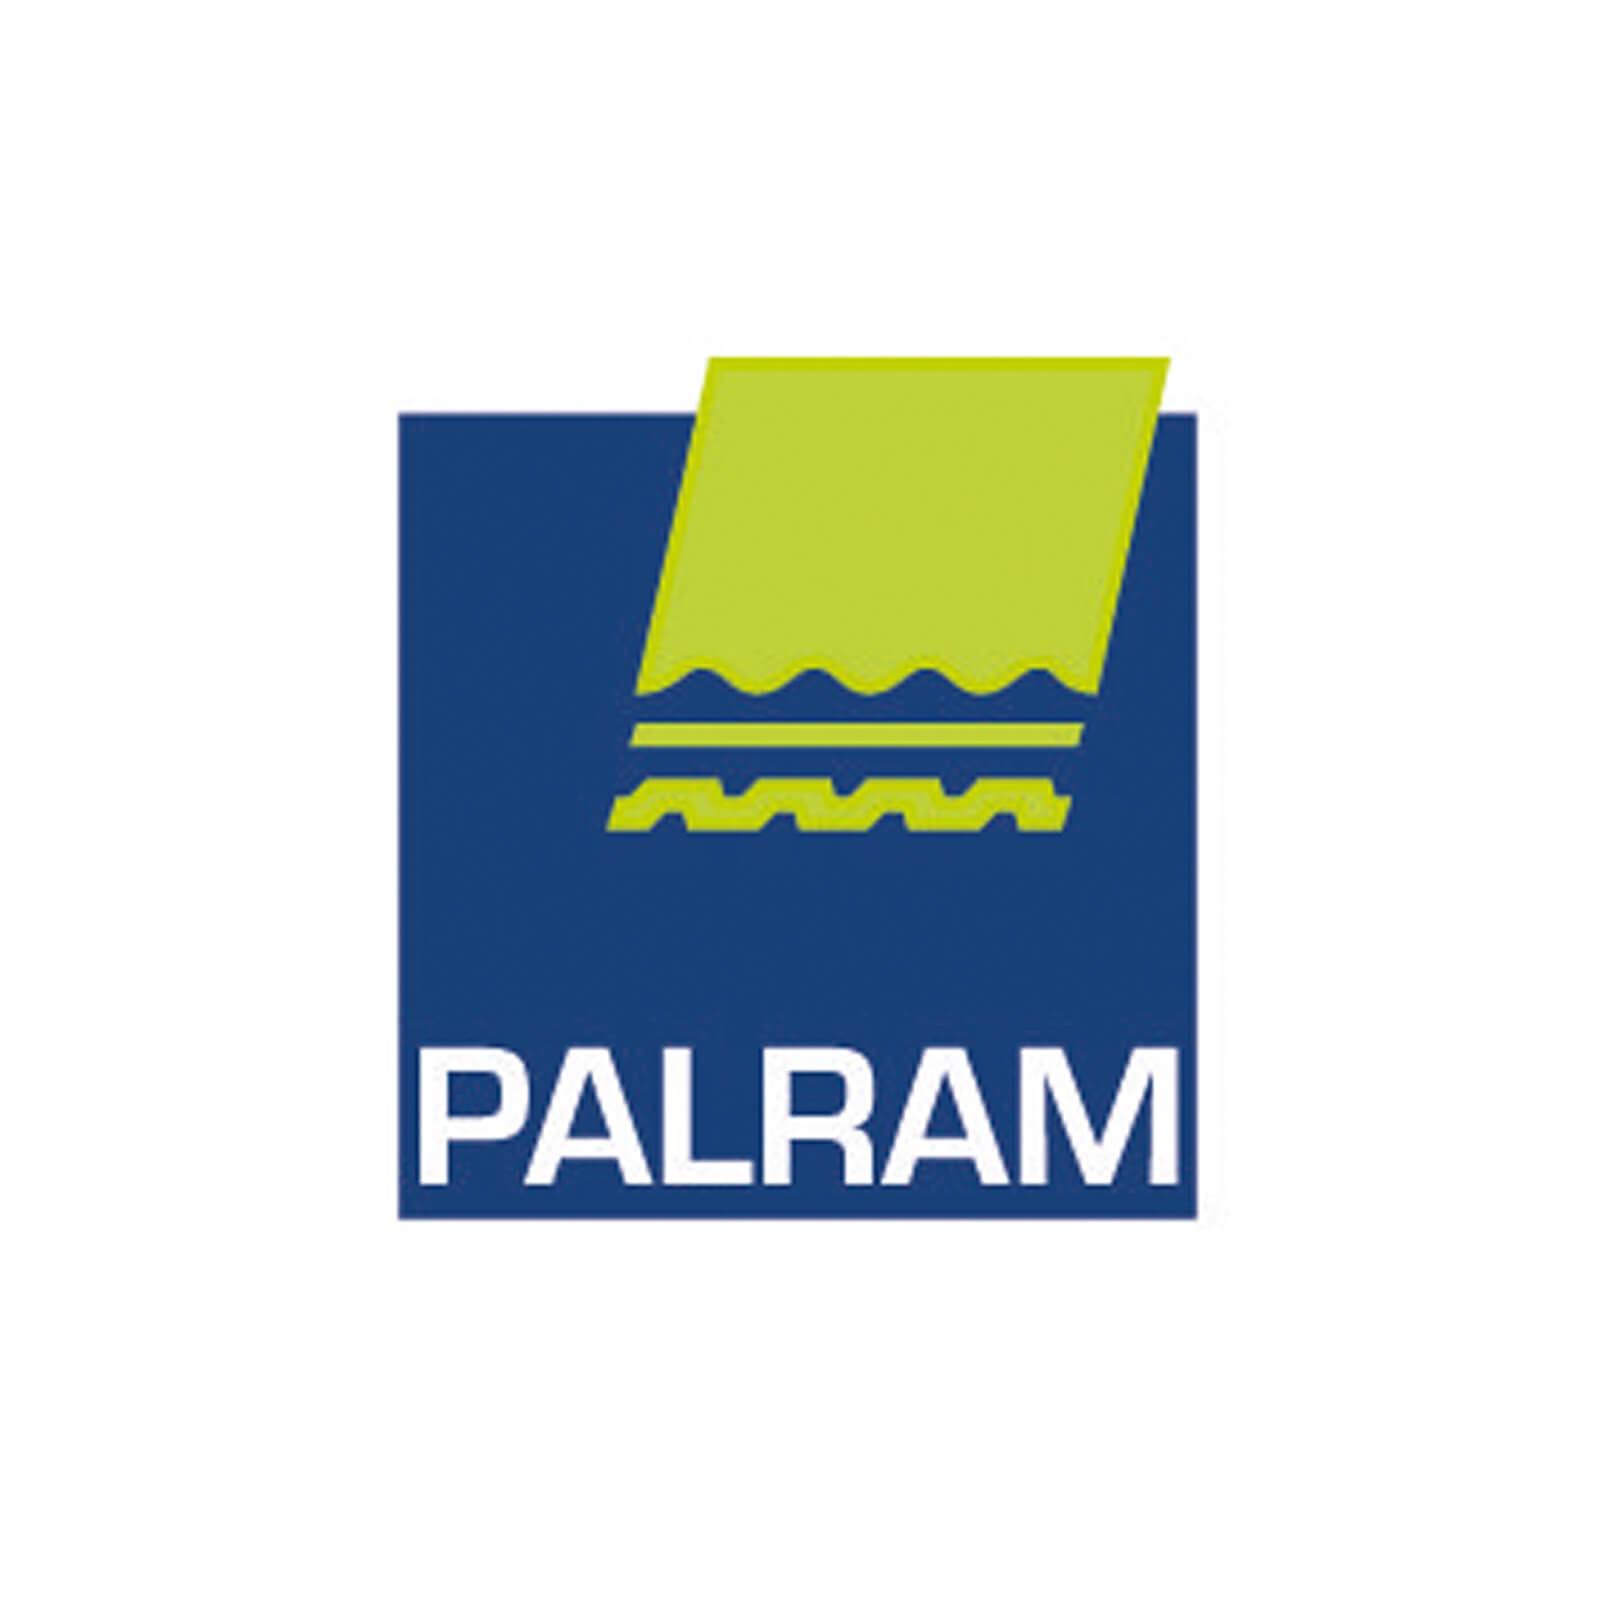 Tepro Palram Pflanzenhalter Gewächshaus Zubehör 10 Stück 8034